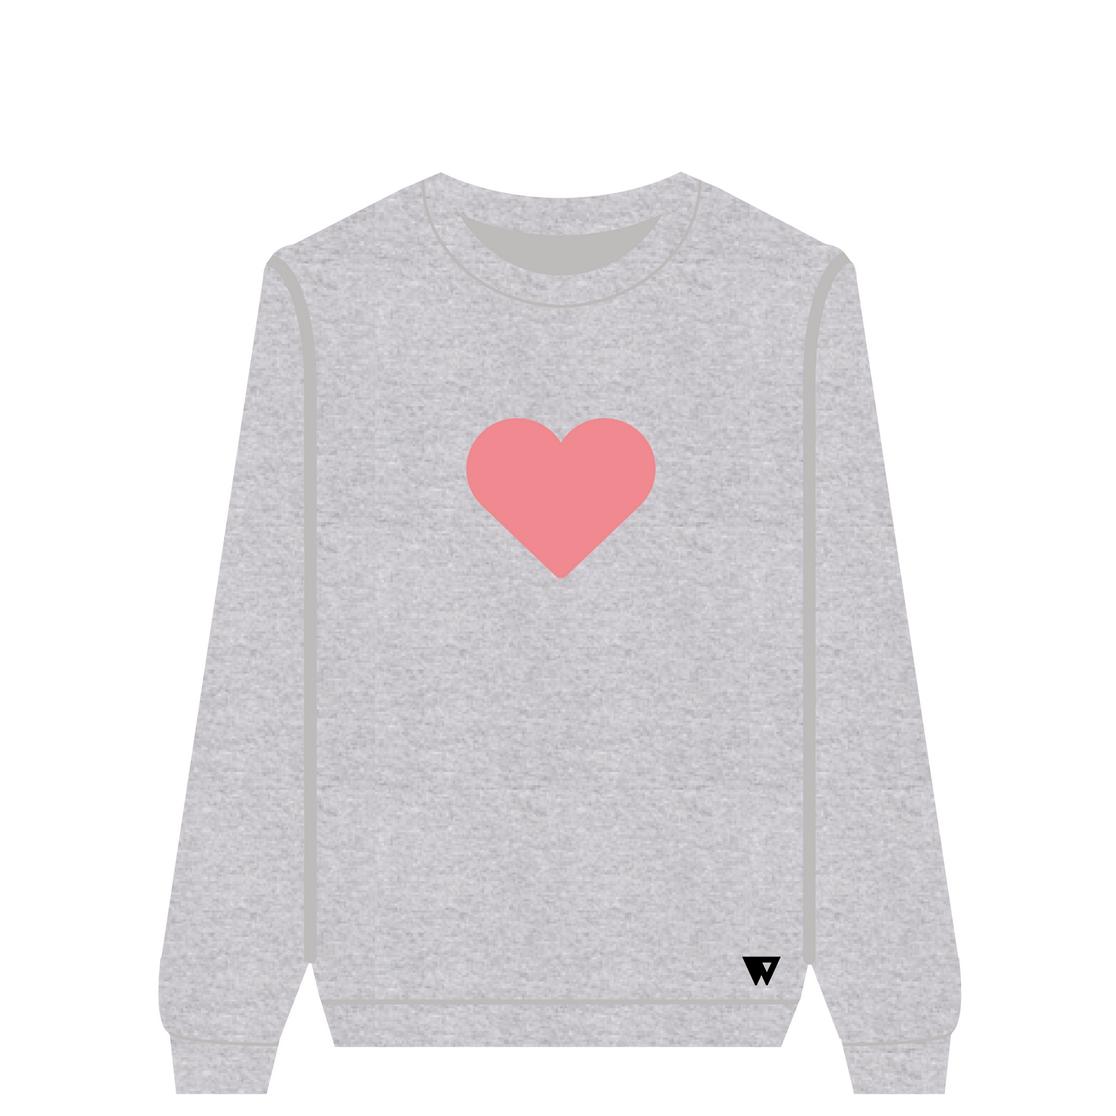 Sweatshirt Love | Wuzzee